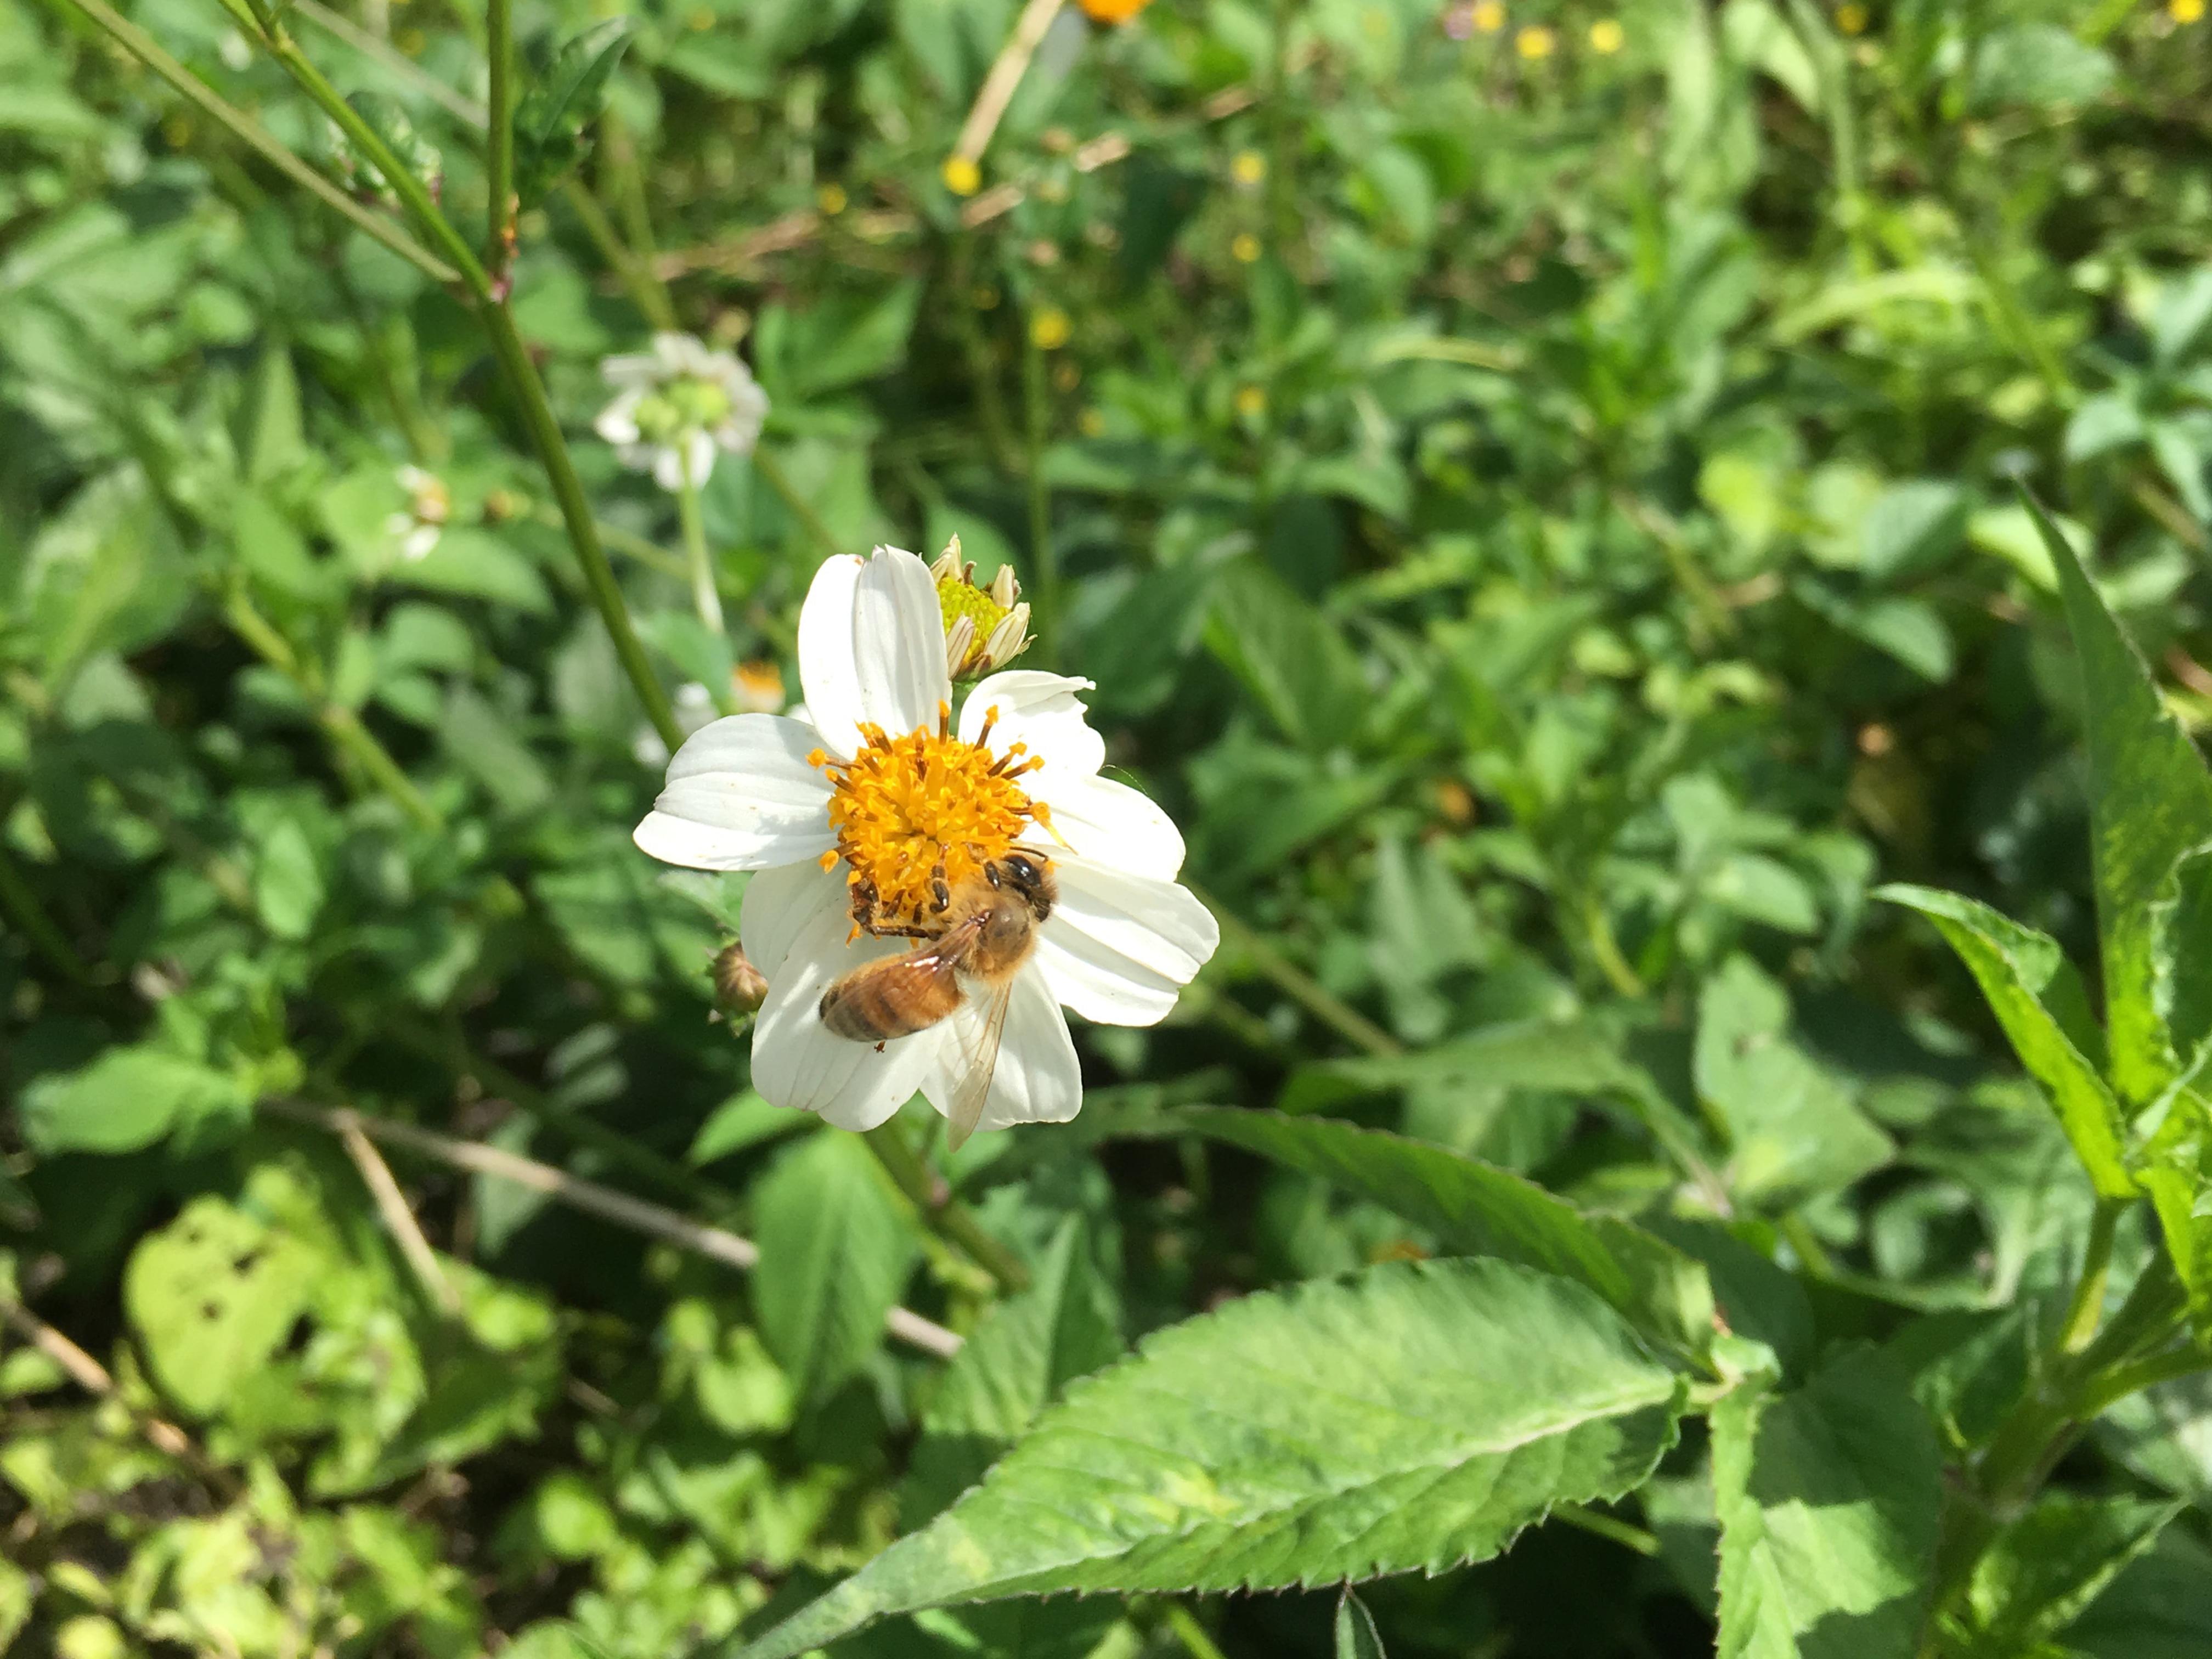 やさいが元気になる栽培法! 従来の栽培法は、化学肥料を使いましょう。農薬を使いましょう。でした。ですが、最近は栽培法が研究されて多様化しています。うるマルシェ農家は、そんな従来の栽培法から様々な栽培法を試みています。例えば、「アミノ酸液肥を使って作物のカラダを強くしよう」だとか、「蜜蜂を利用して受粉させてみよう」などです。みなさん、試行錯誤でおいしくて元気な野菜づくりを研究されているんですよ。